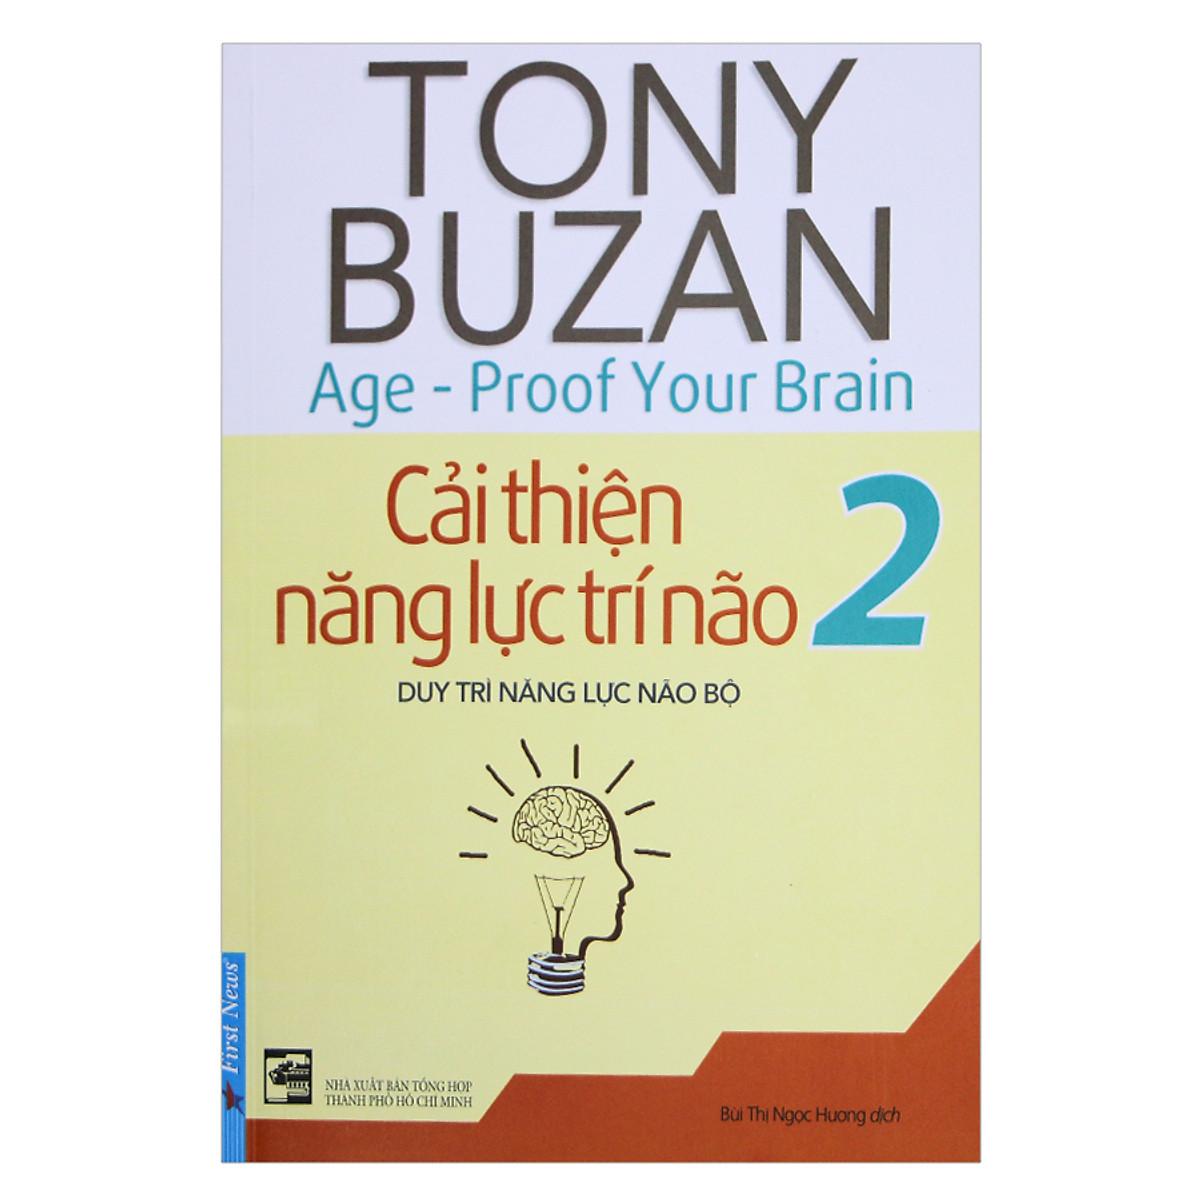 Tony Buzan - Cải Thiện Năng Lực Trí Não 2 (Tái Bản)